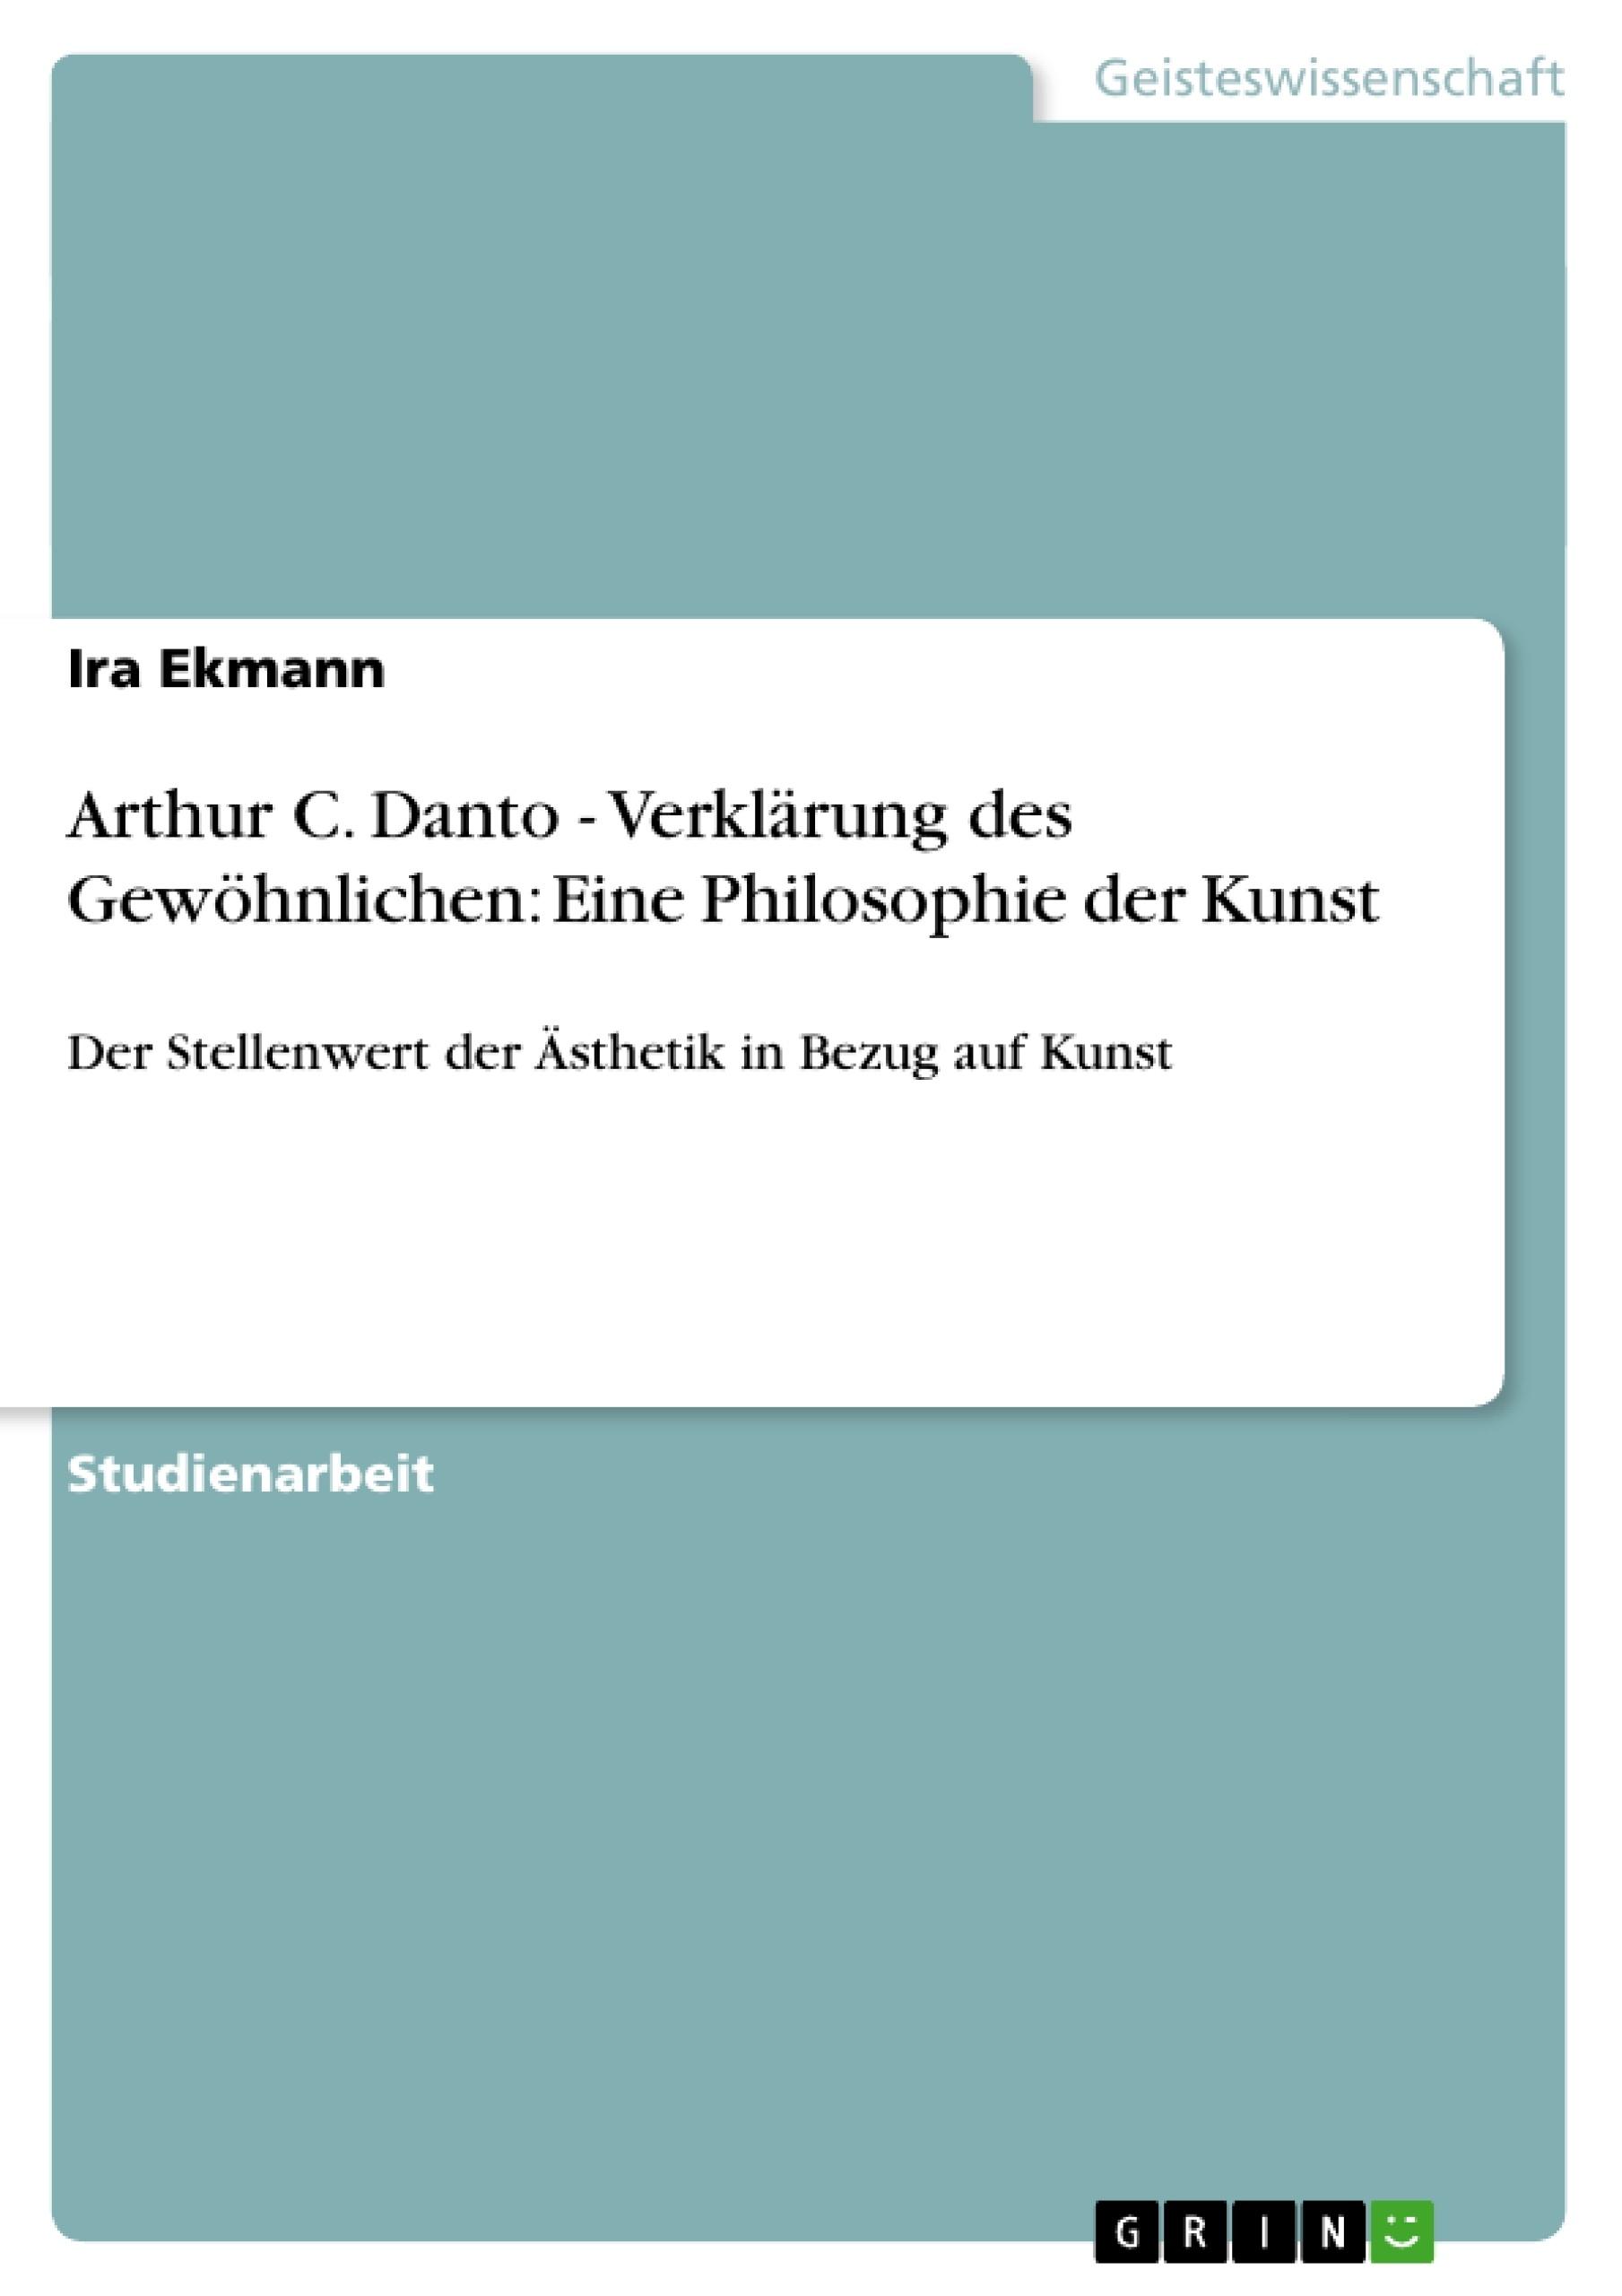 Titel: Arthur C. Danto - Verklärung des Gewöhnlichen: Eine Philosophie der Kunst